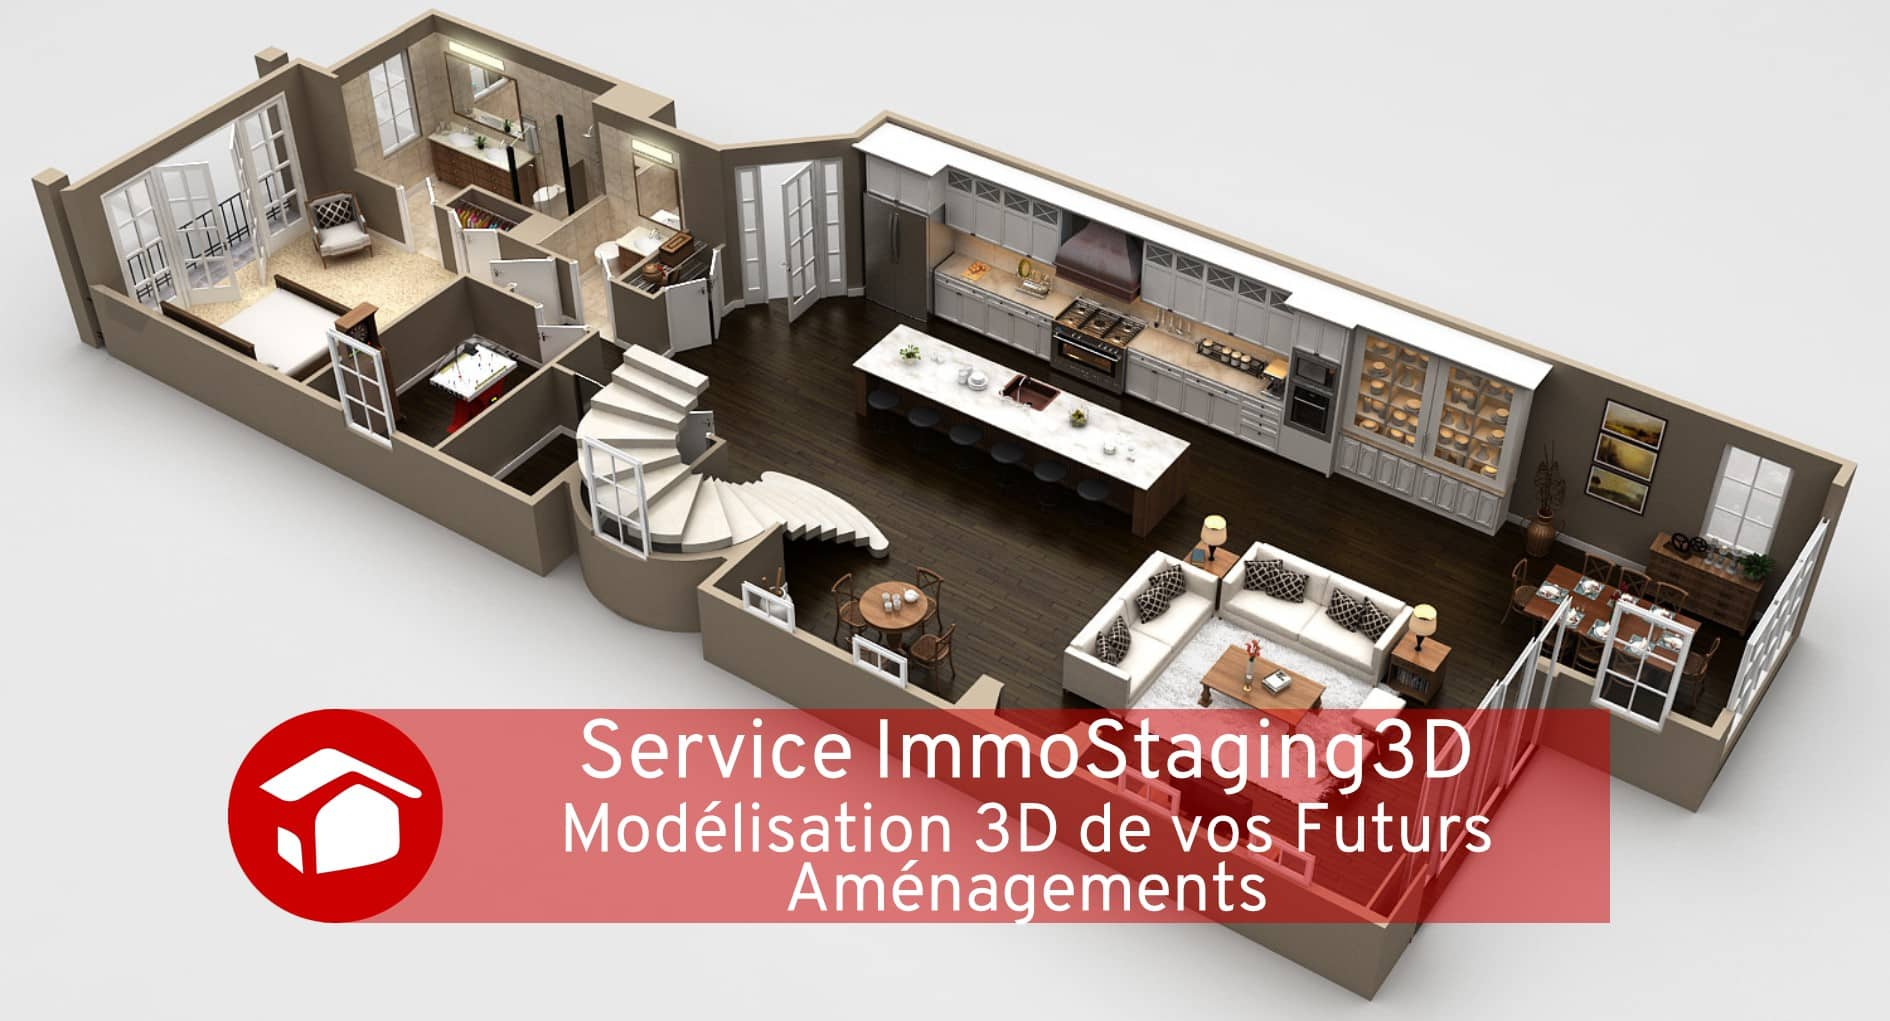 Service ImmoStaging3D Courtier Travaux Meilleur Projet